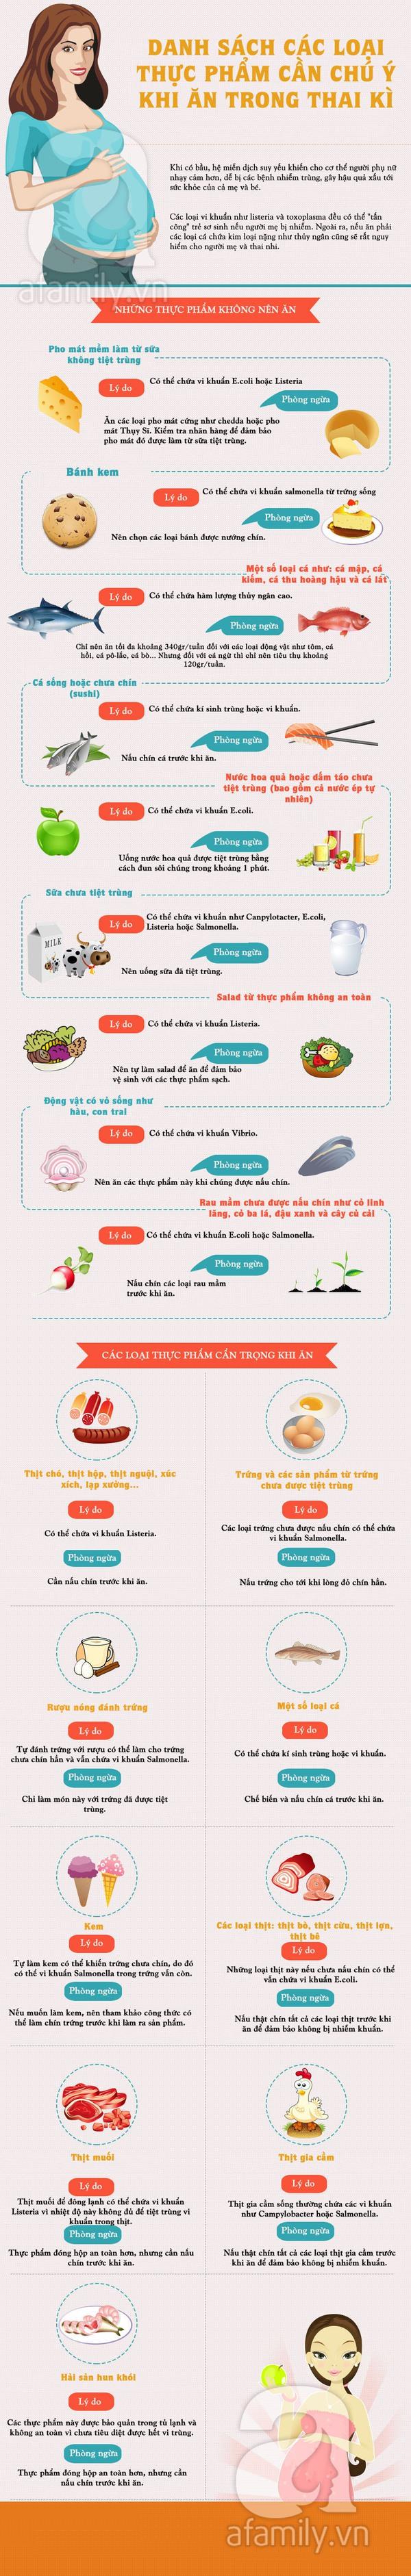 Danh sách thực phẩm nguy hiểm cho mẹ bầu và thai nhi 1